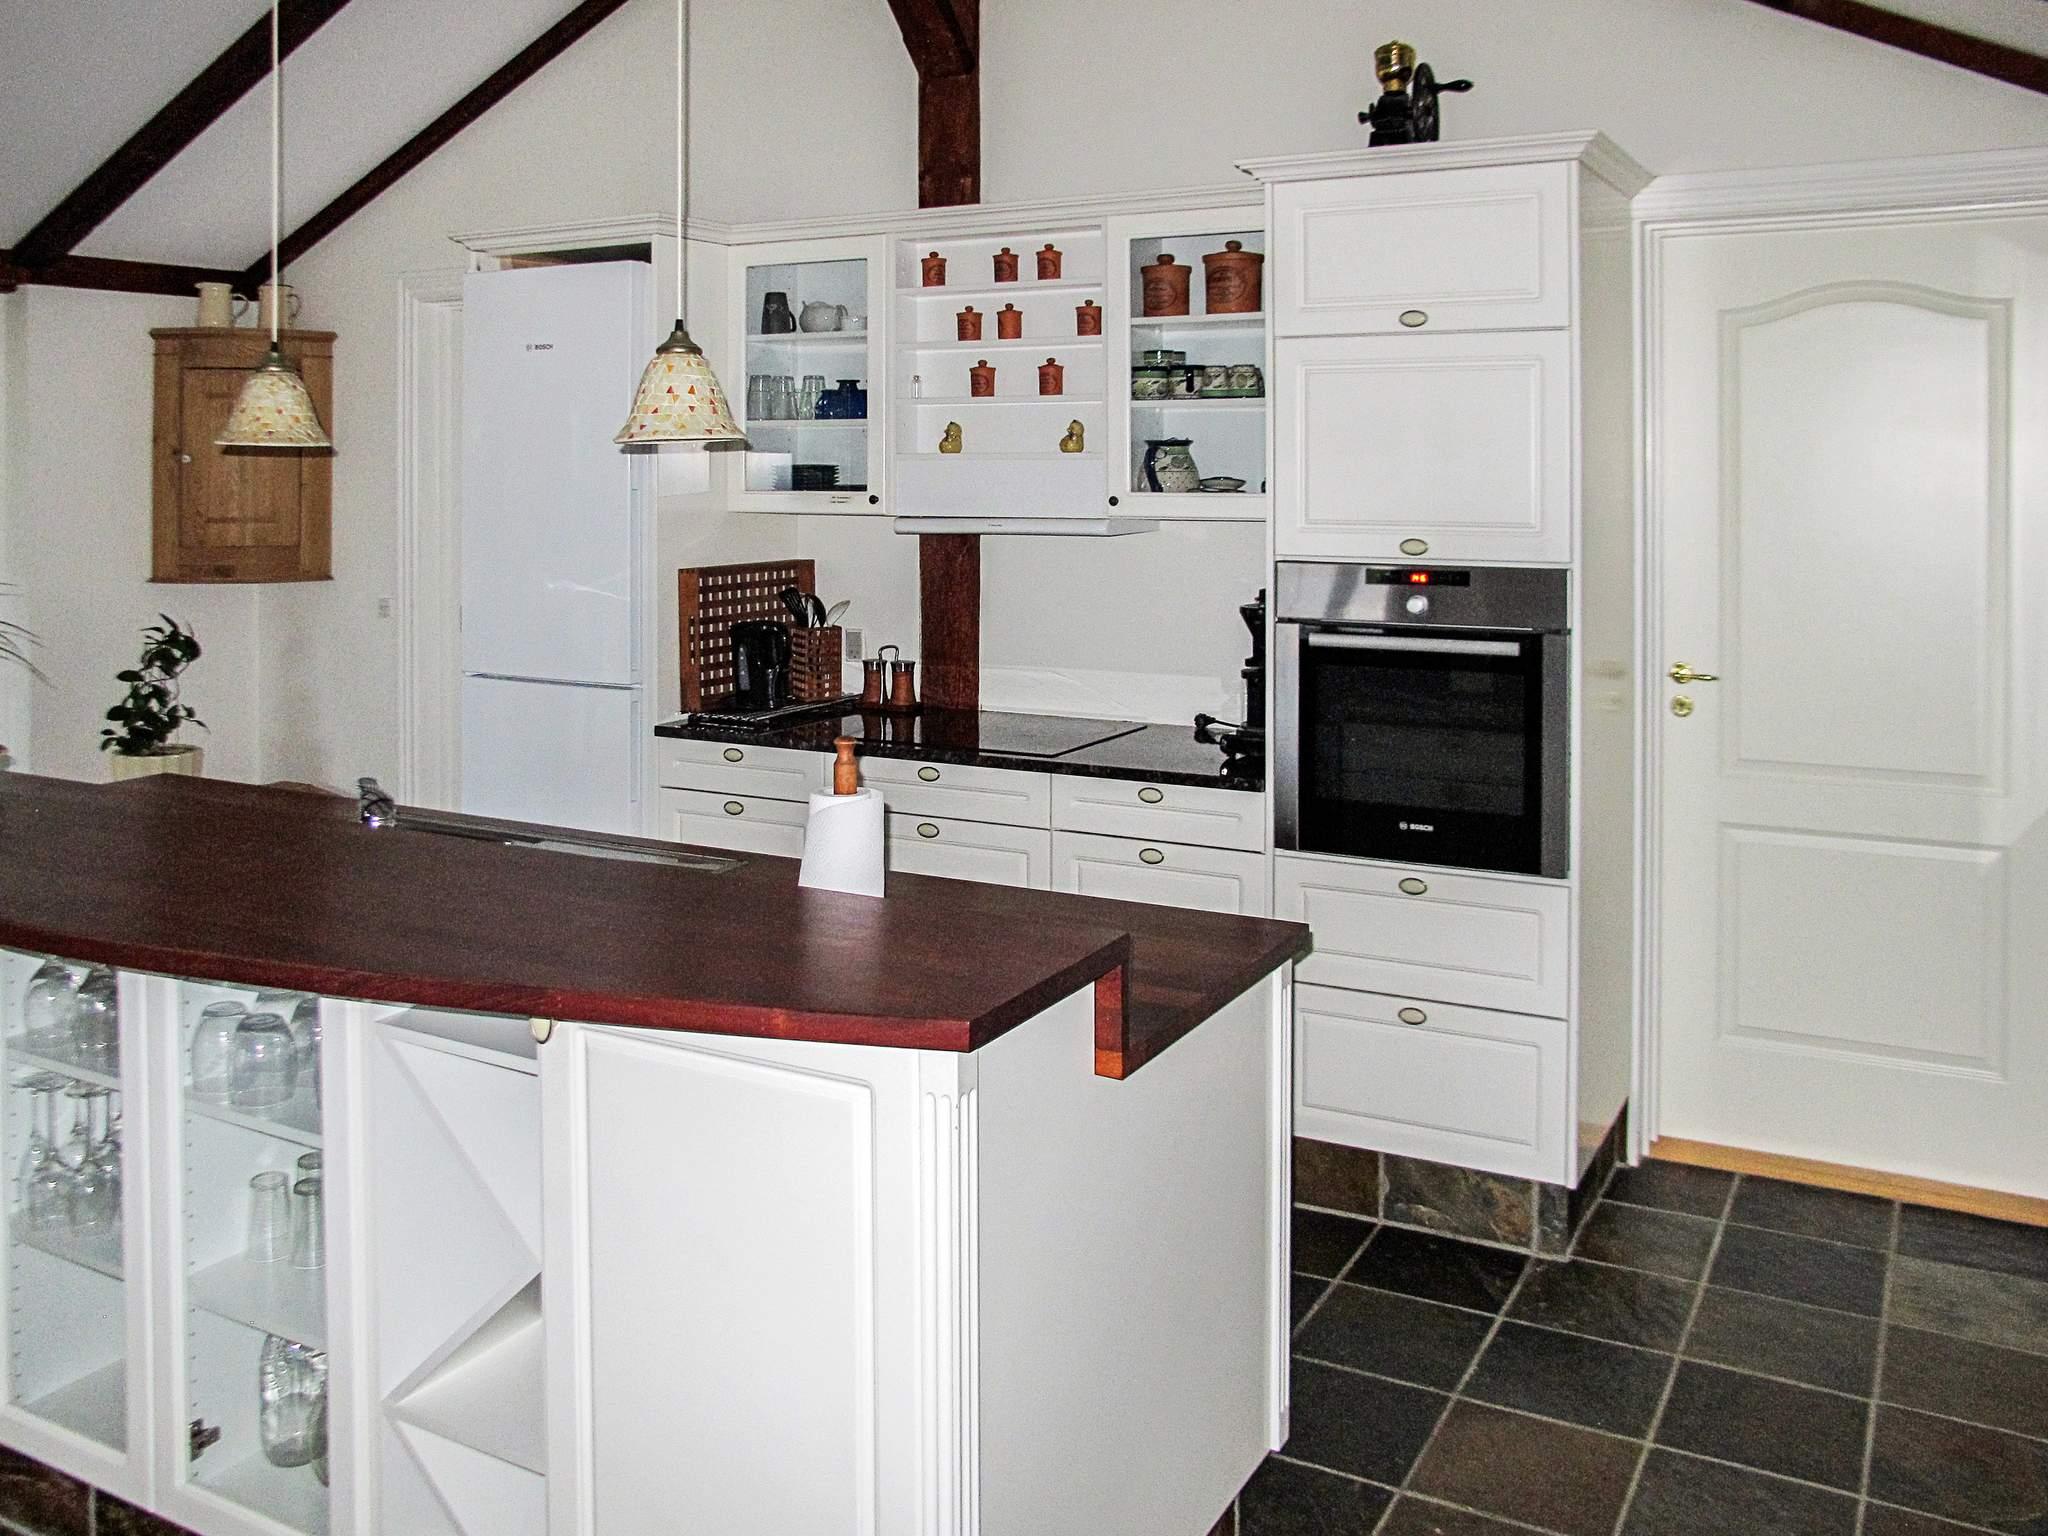 Ferienhaus Hou/Lagunen (317346), Hou, , Nordostjütland, Dänemark, Bild 8